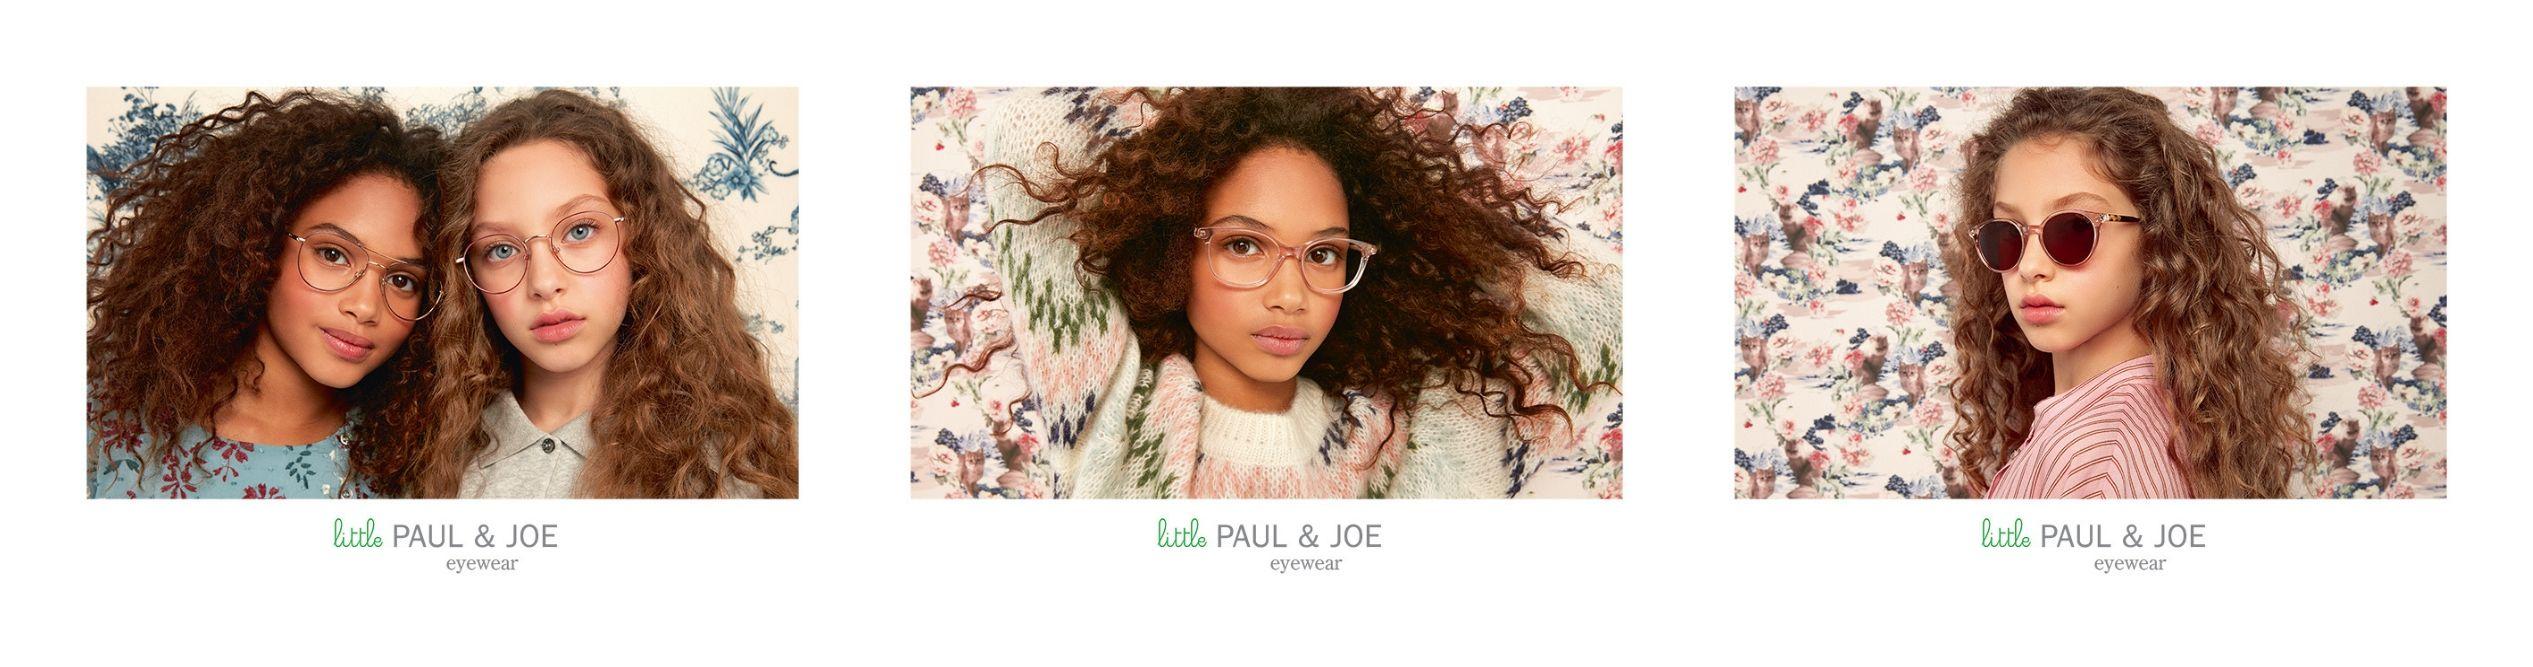 lunettes little paul joe fille